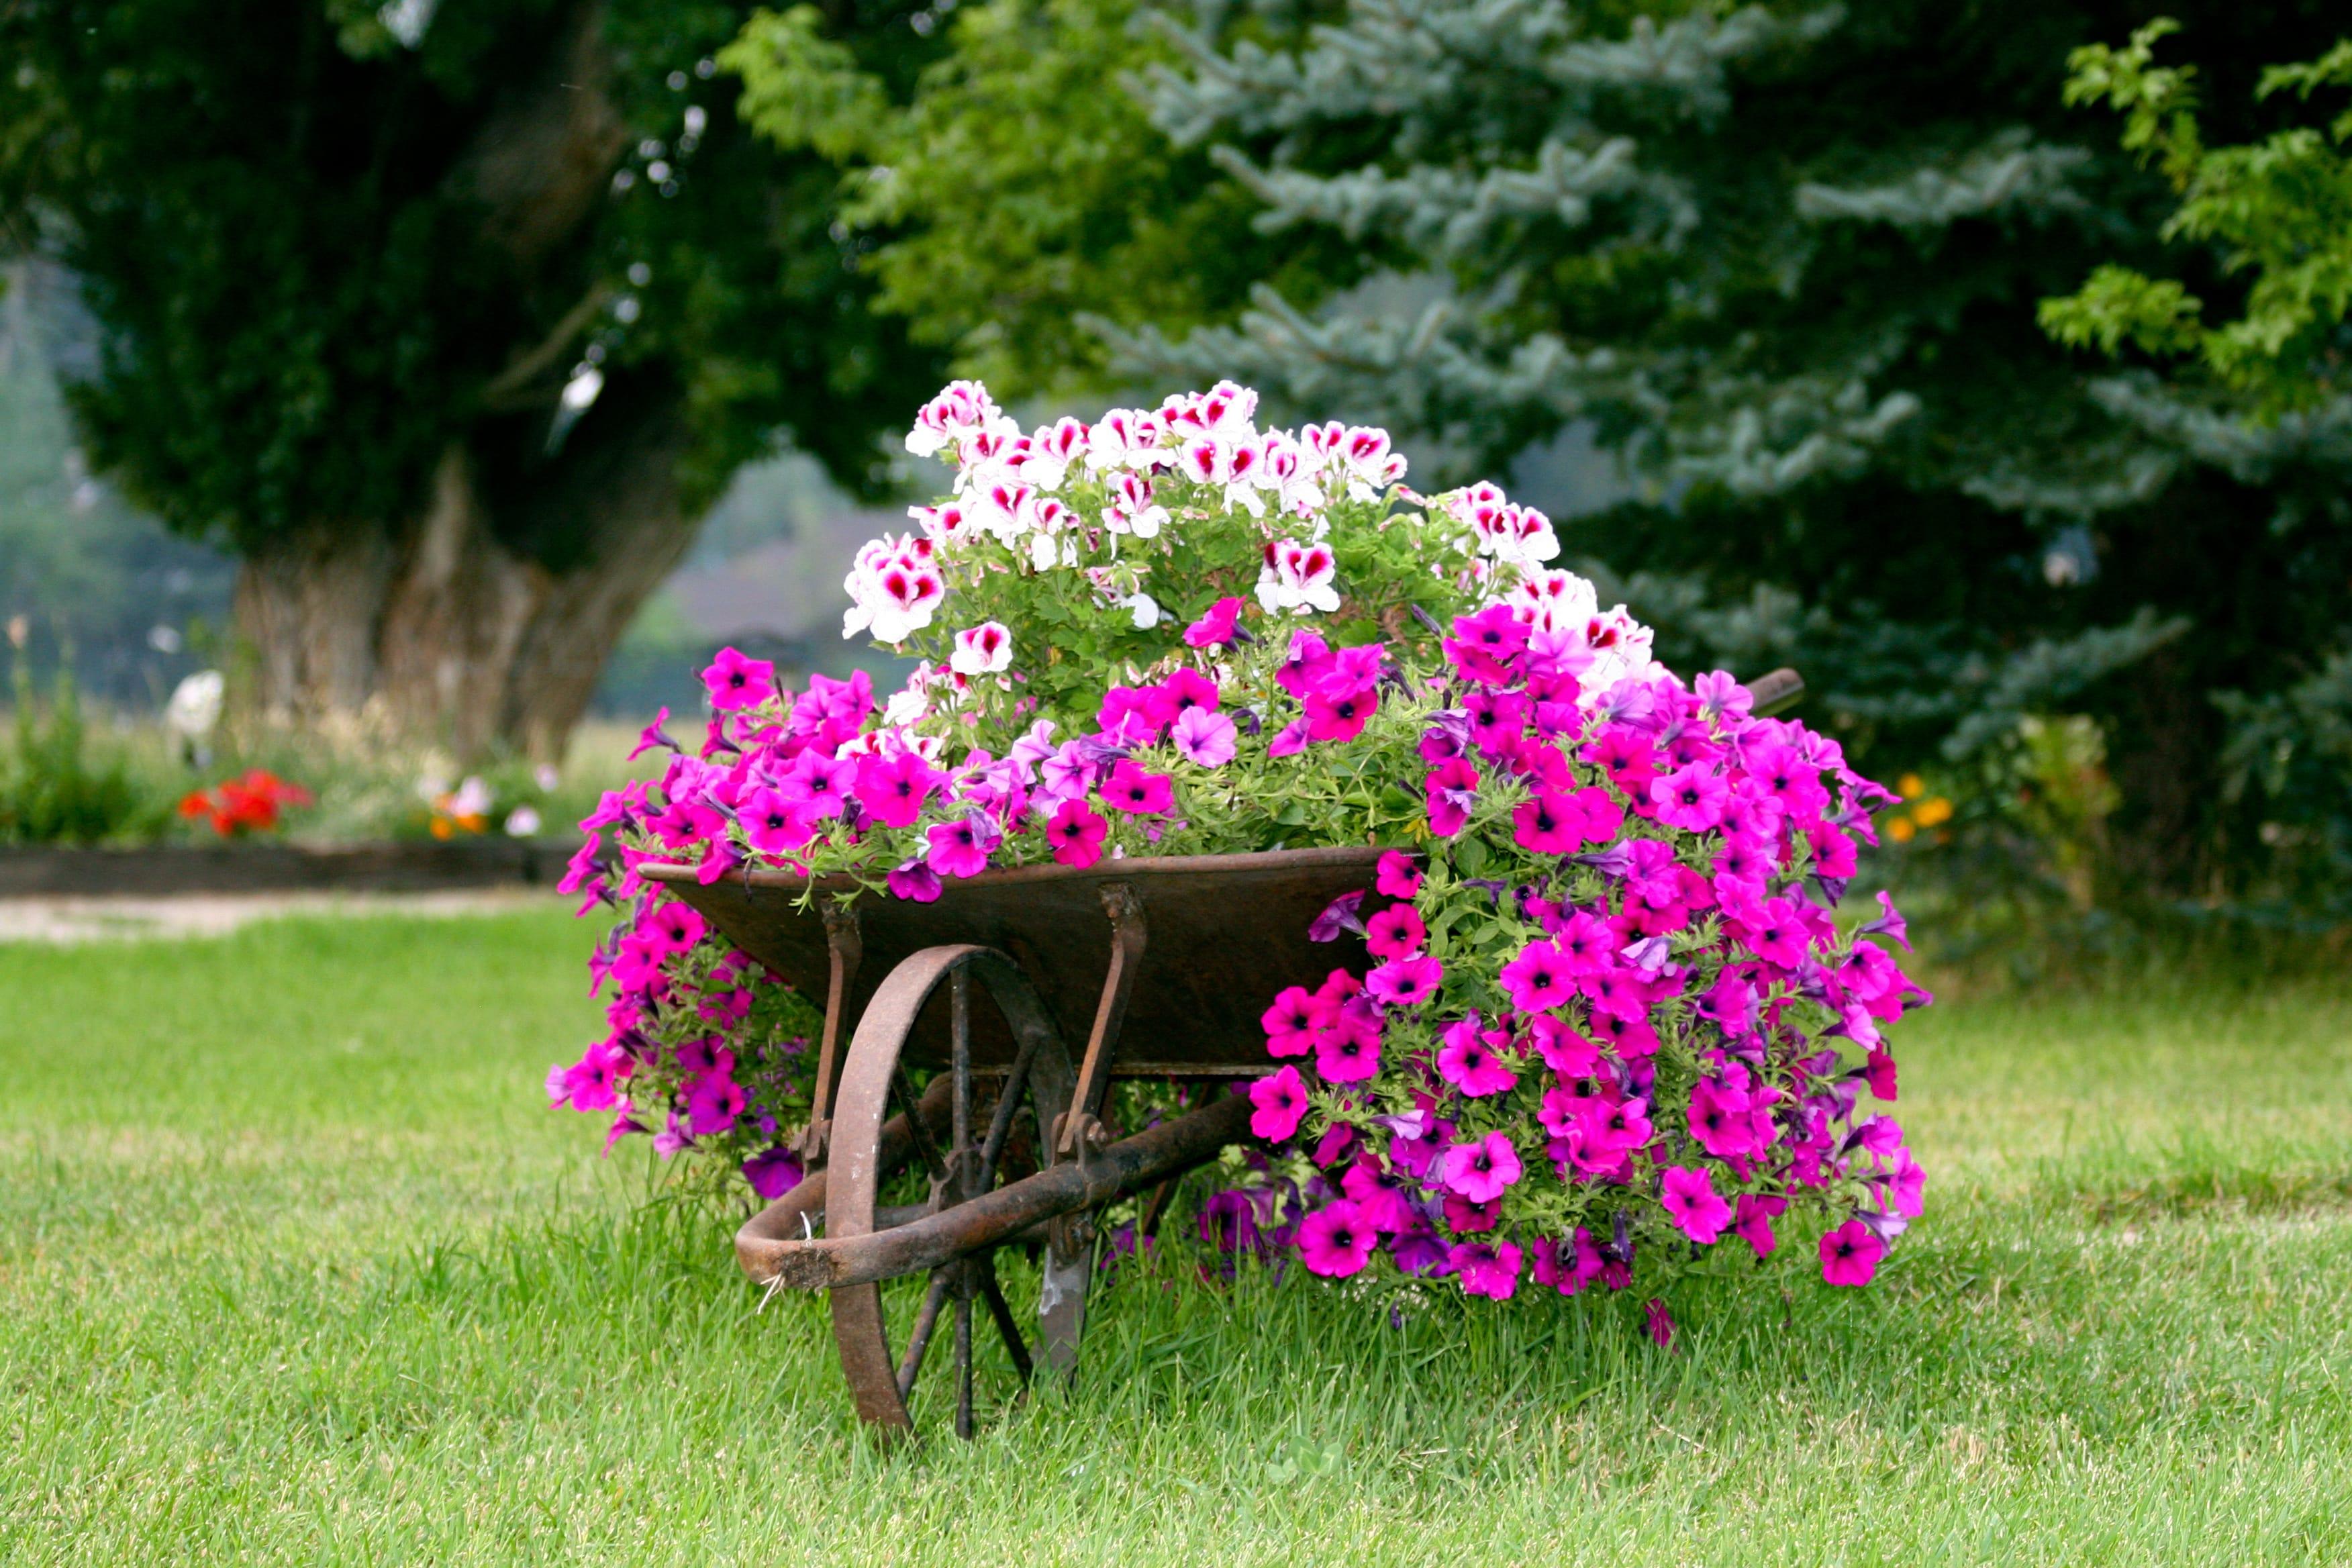 Benefici ortoterapia non sprecare for Idee di giardino